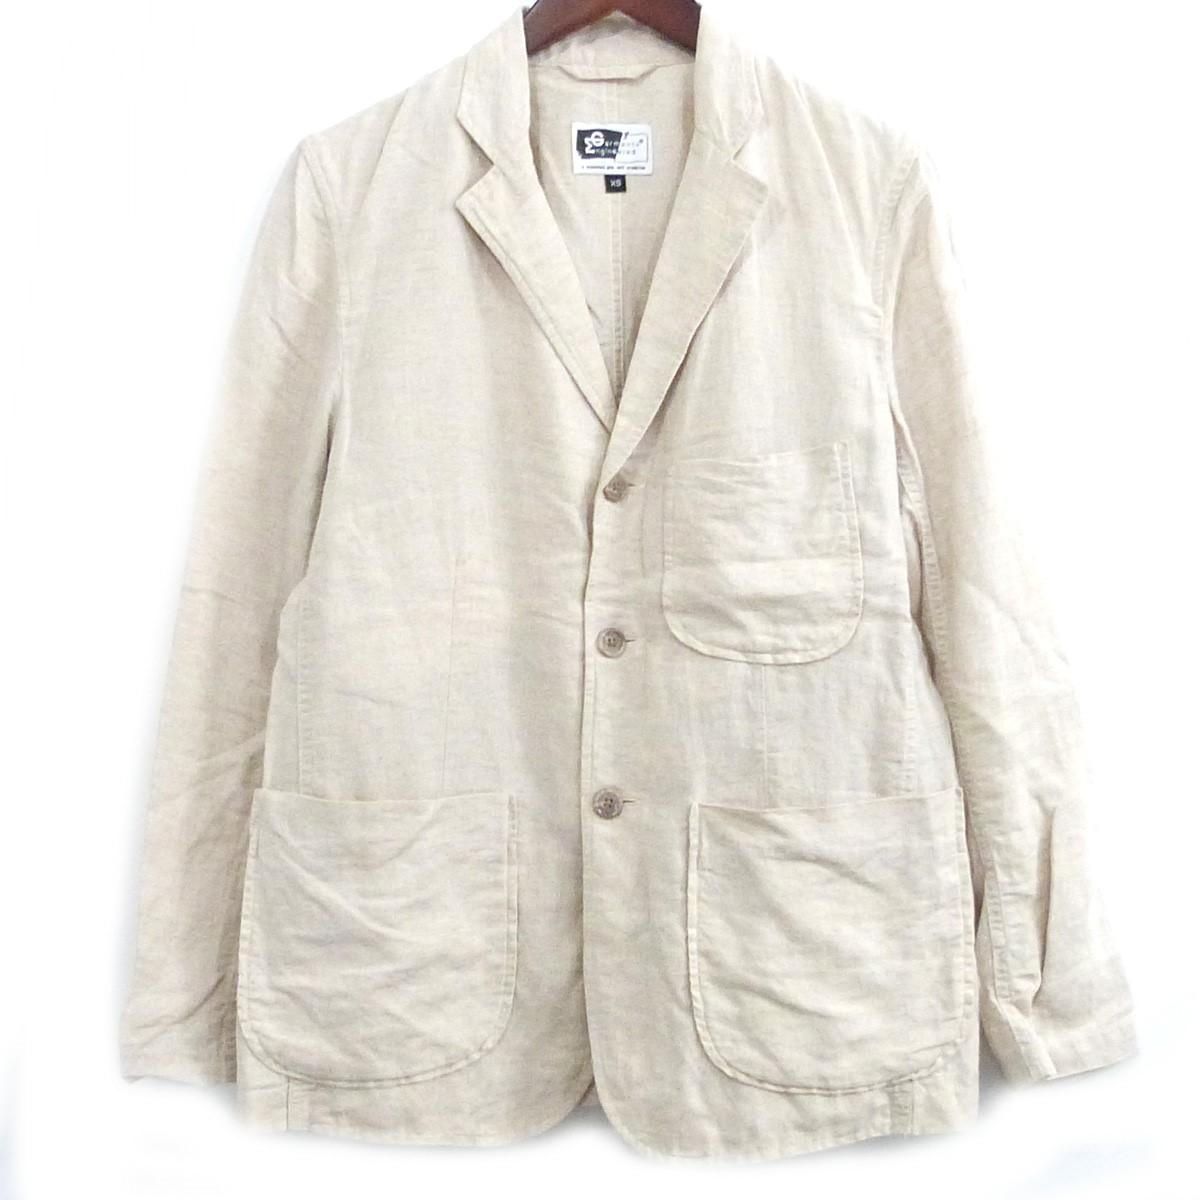 【中古】Engineered Garments リネン混ノッチドラペル3Bジャケット ベージュ サイズ:XS 【250420】(エンジニアードガーメンツ)